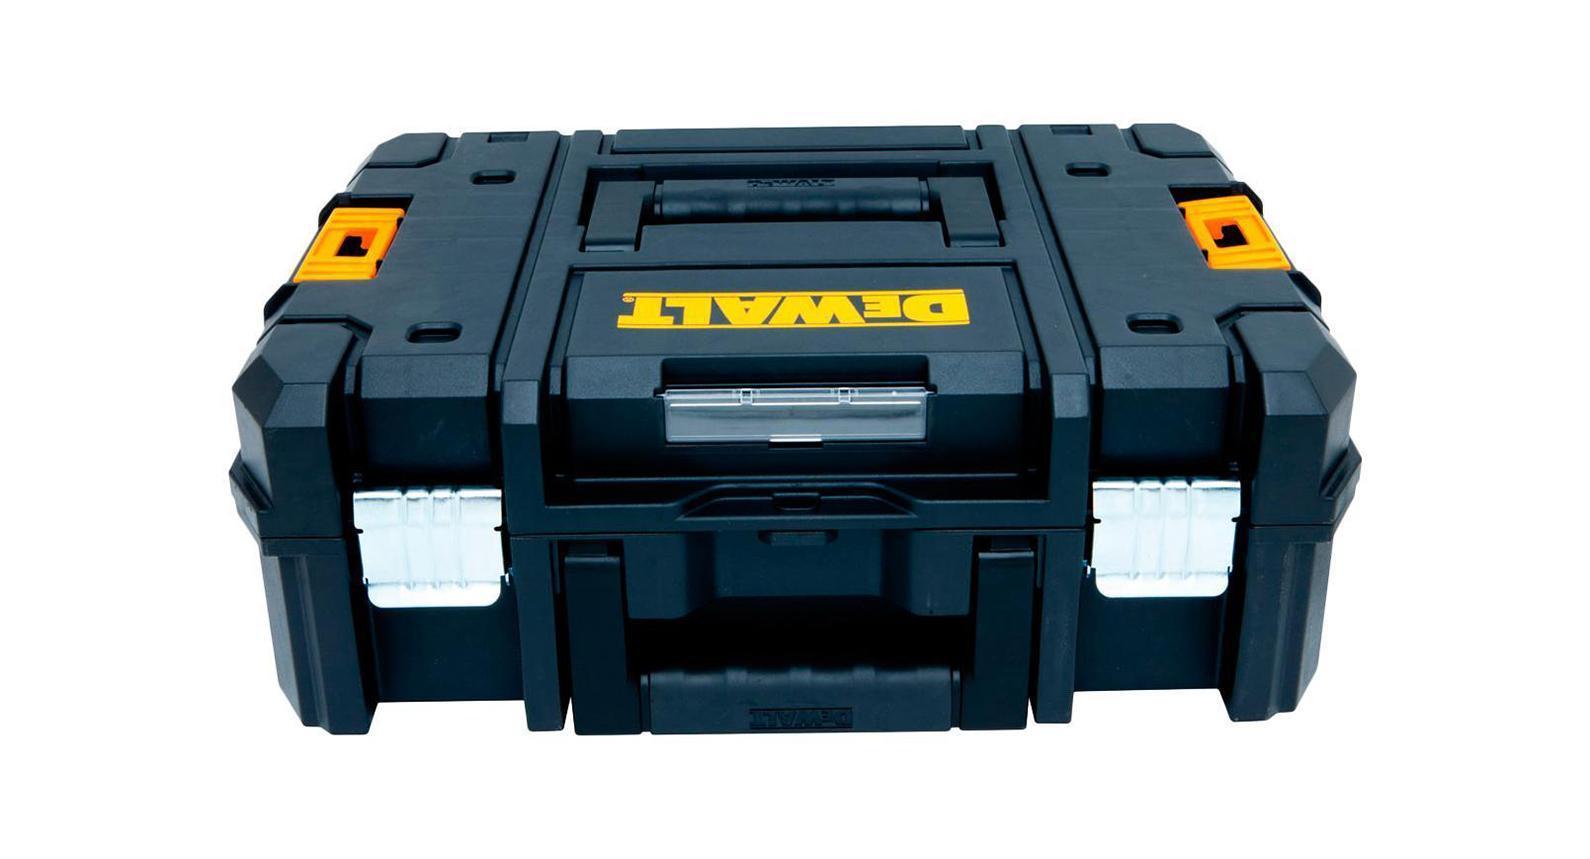 Ящик для инструмента DeWalt TSTAK II2706 (ПО)Ящик для инструментов DeWALT DWST1-70703 оснащен двухкомпонентной рукояткой и двумя надежными металлическими защелками. Он предназначен для переноски и хранения различного вида инструмента. Его корпус изготовлен из прочного пластика.